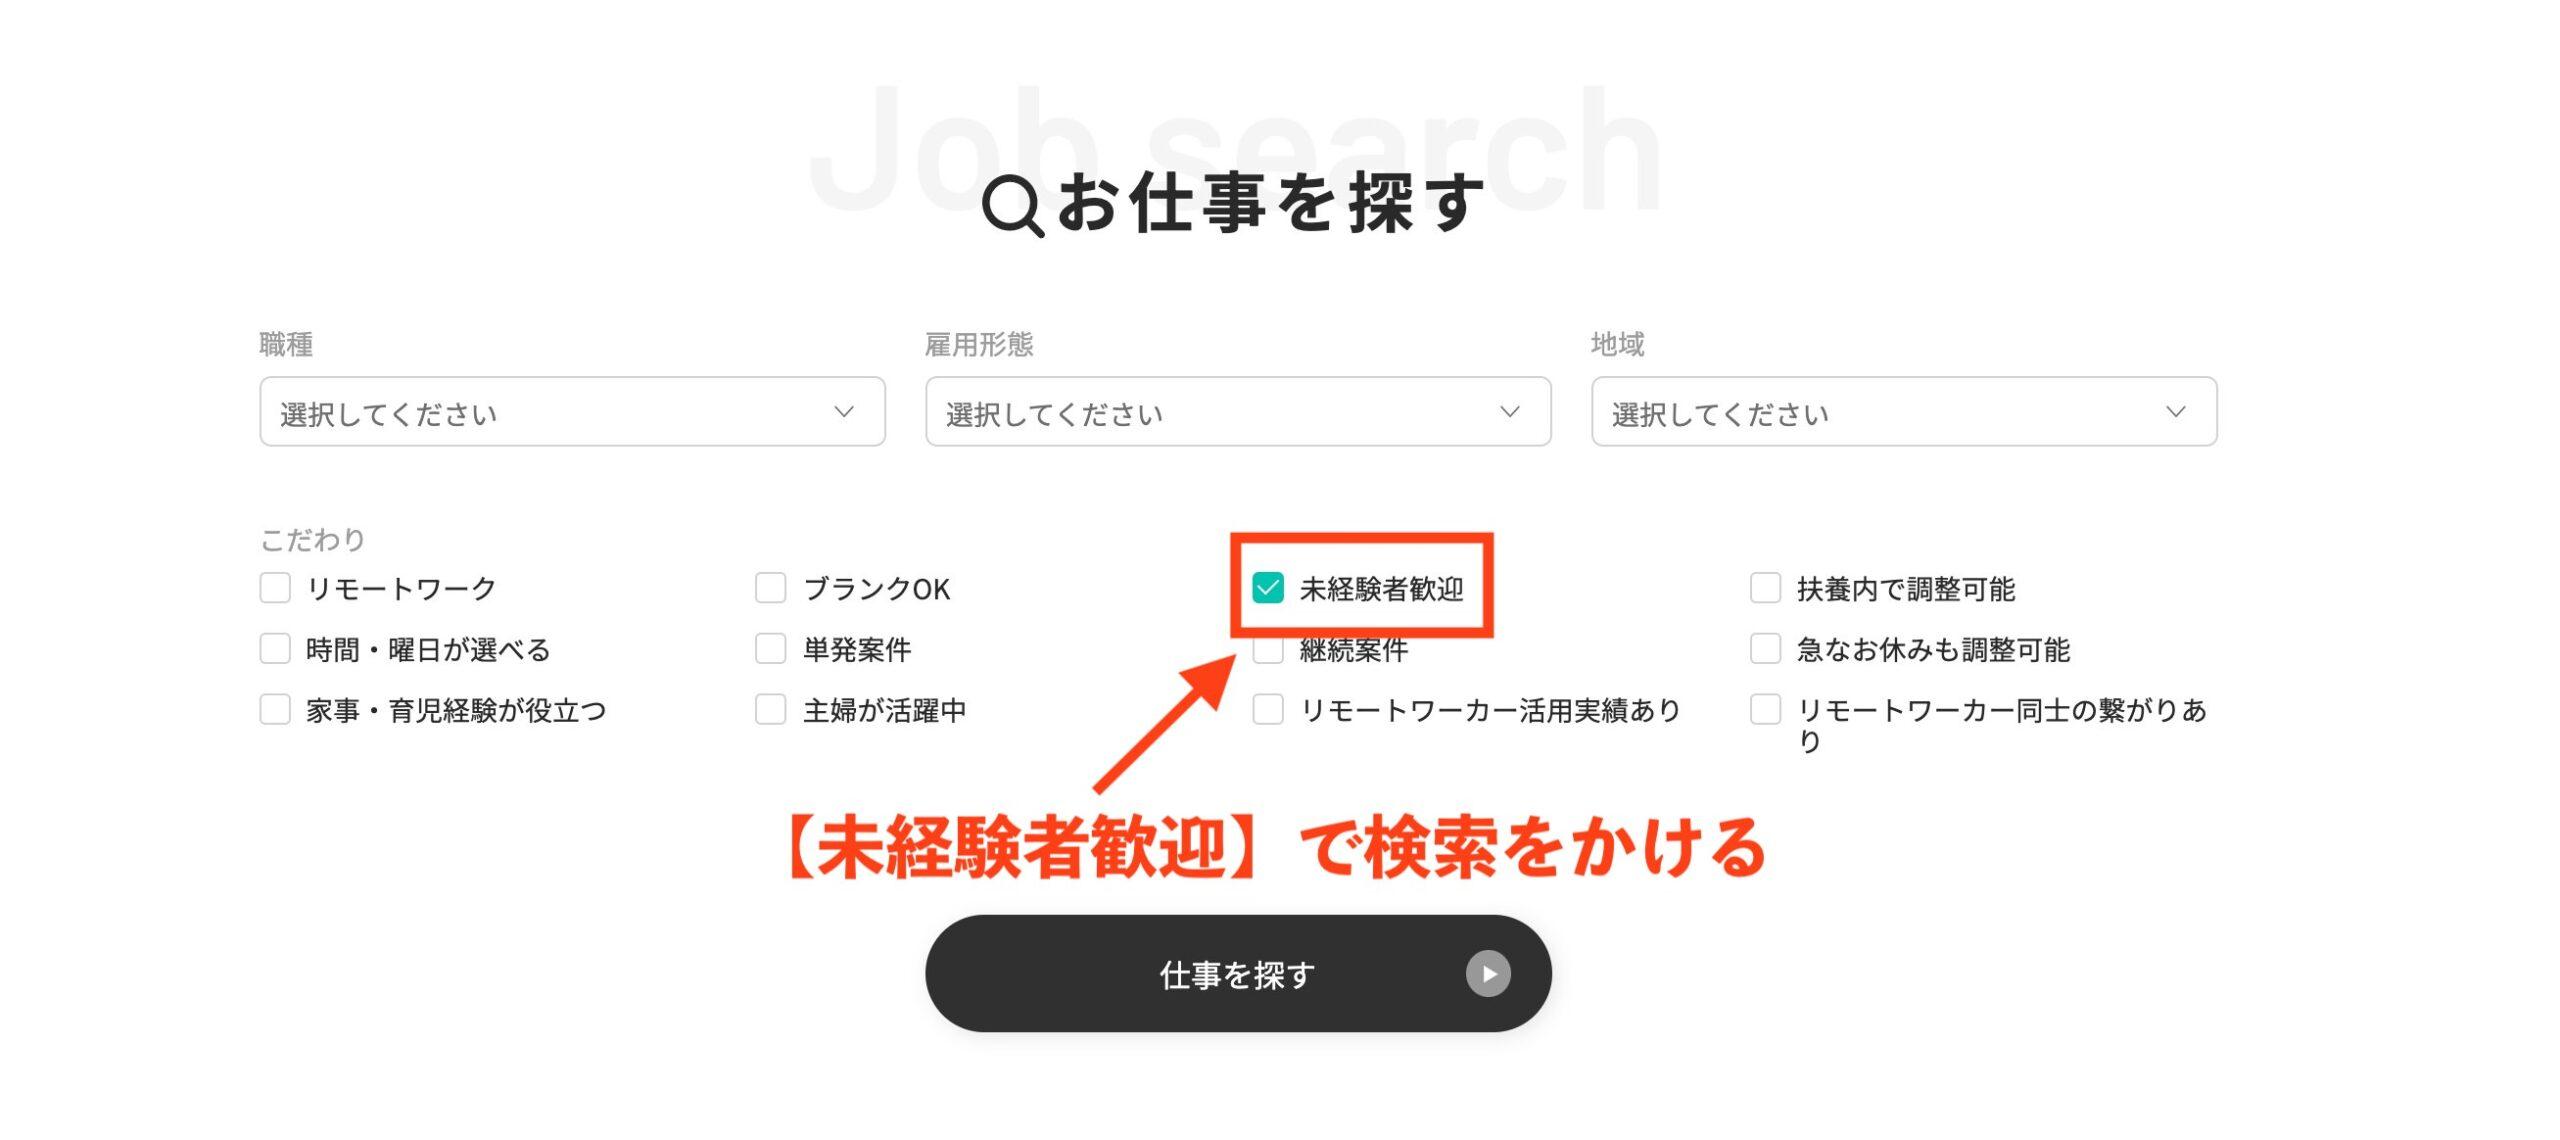 リワークスのお仕事検索画面